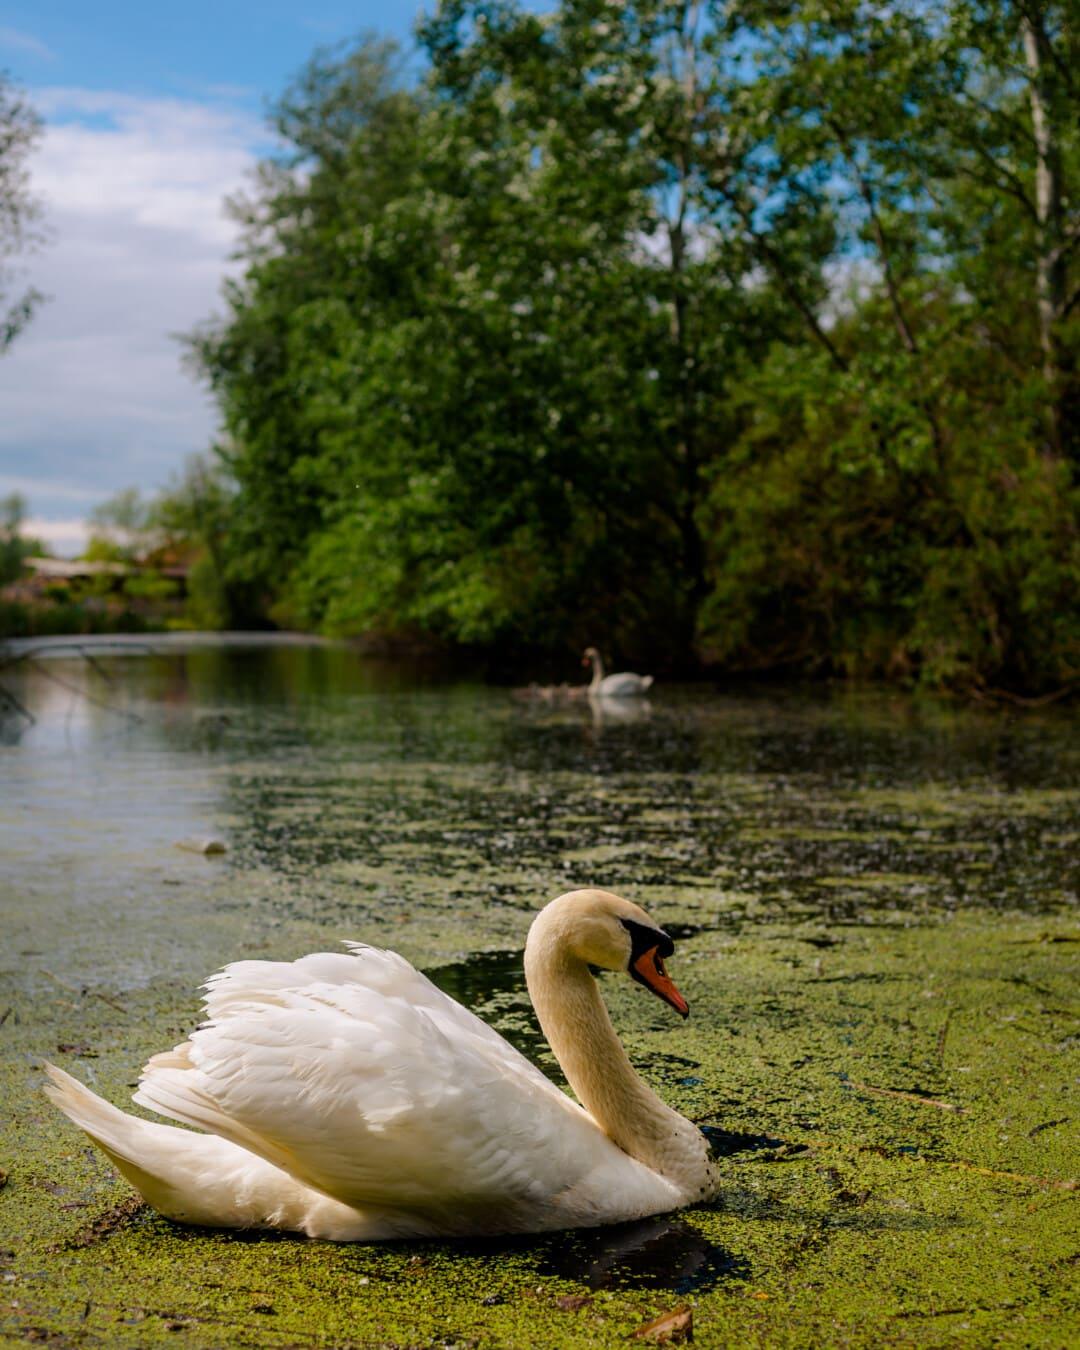 ilmapiiri, Linnut, rauhallinen, majesteettinen, joutsen, suot, luontotyypin, ekologia, nokka, lintu